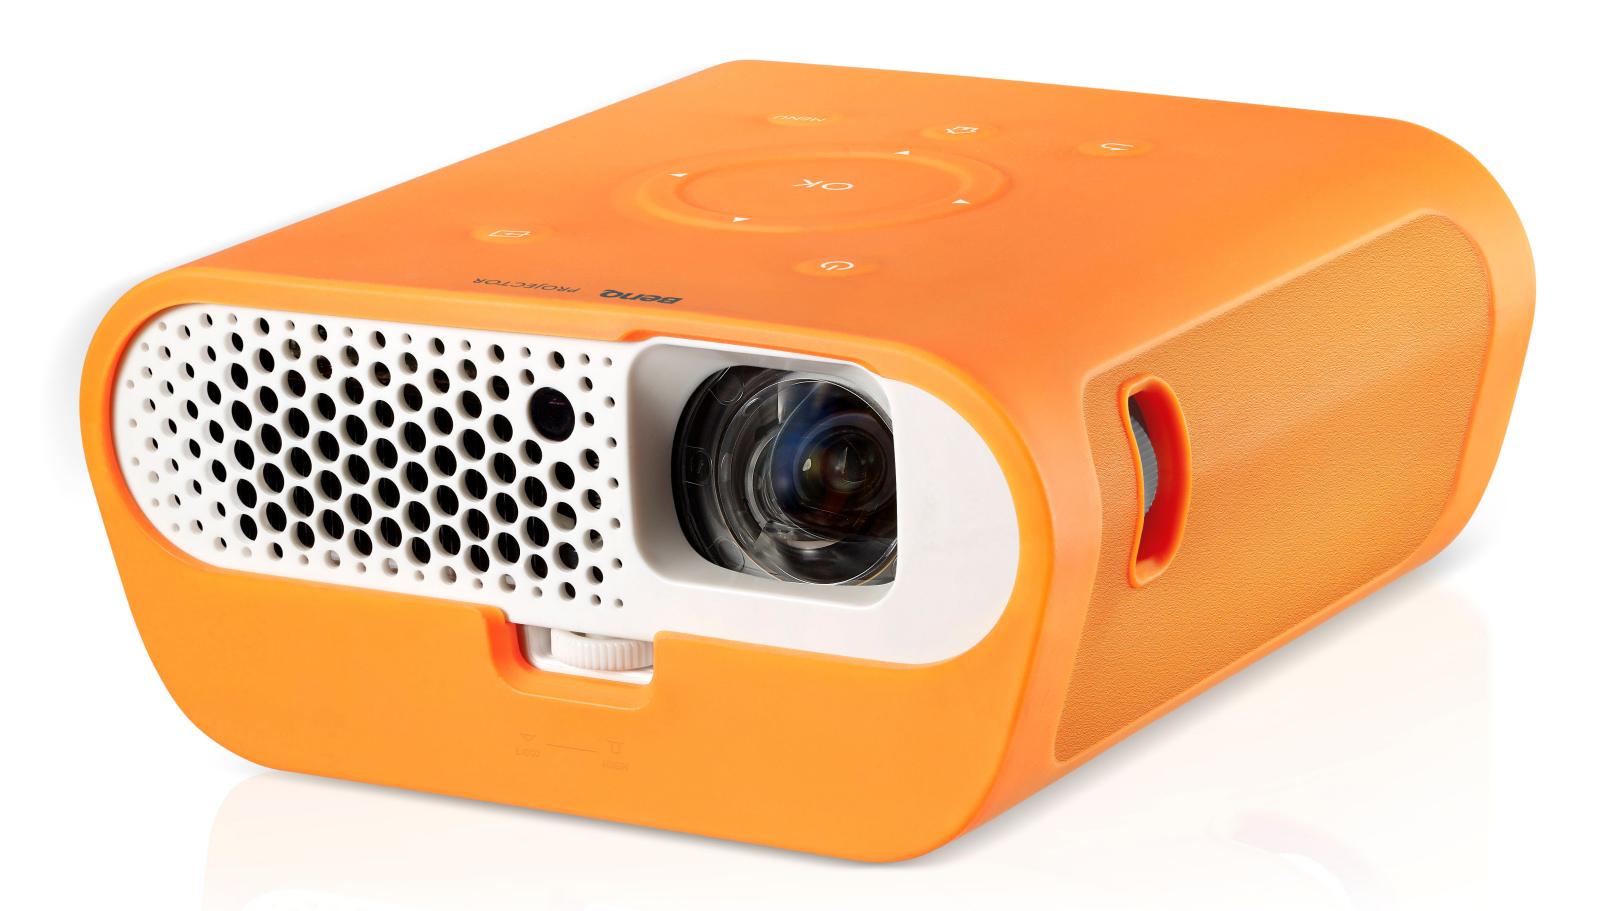 Med det medfølgende gummiovertræk bliver projektoren stænktæt. Foto: BenQ